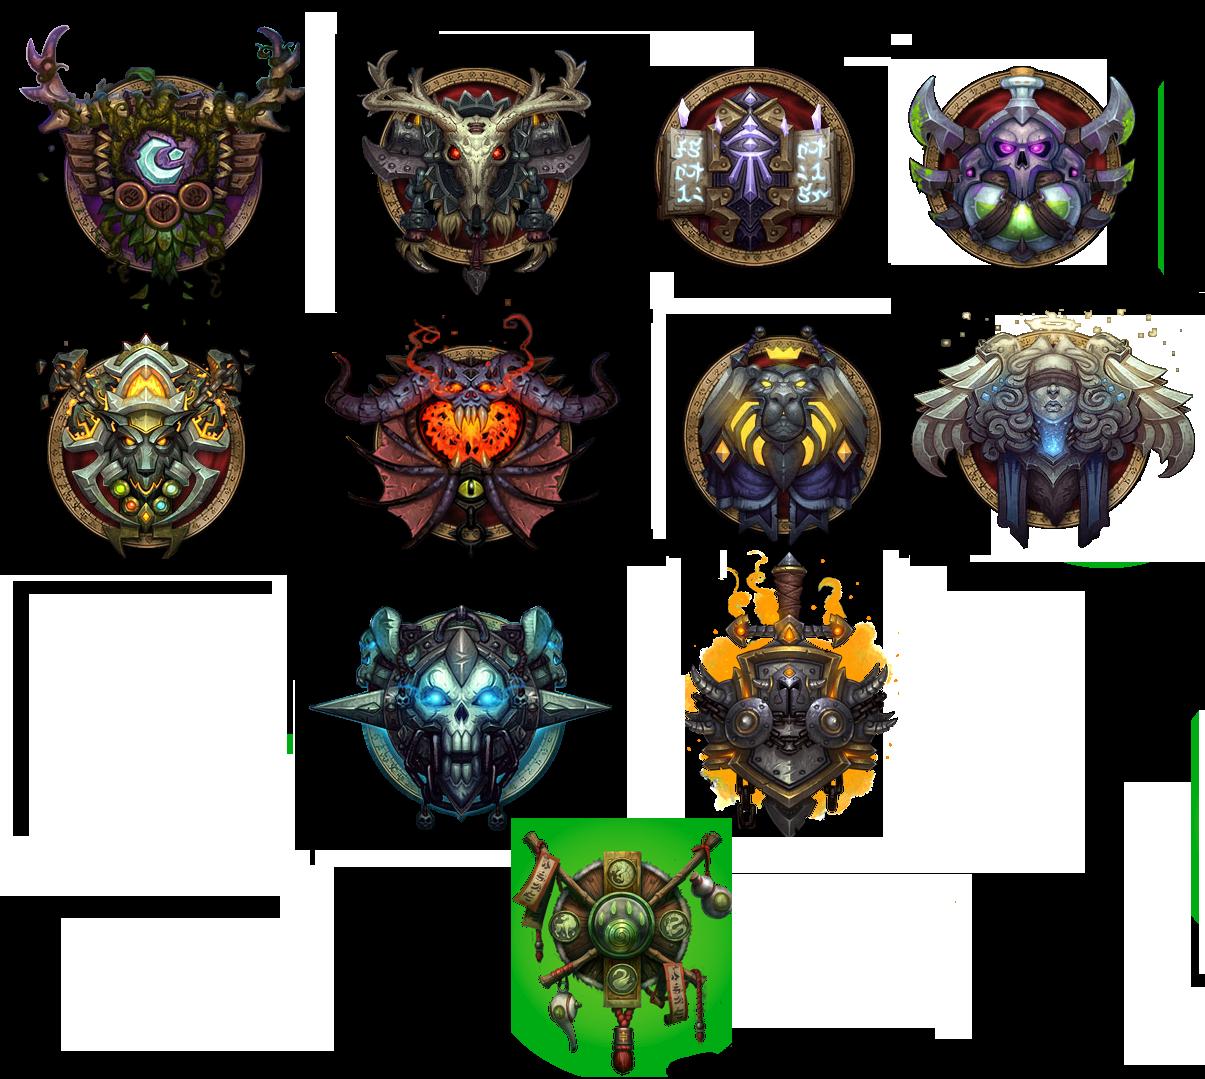 World of Warcraft - Wikipedia